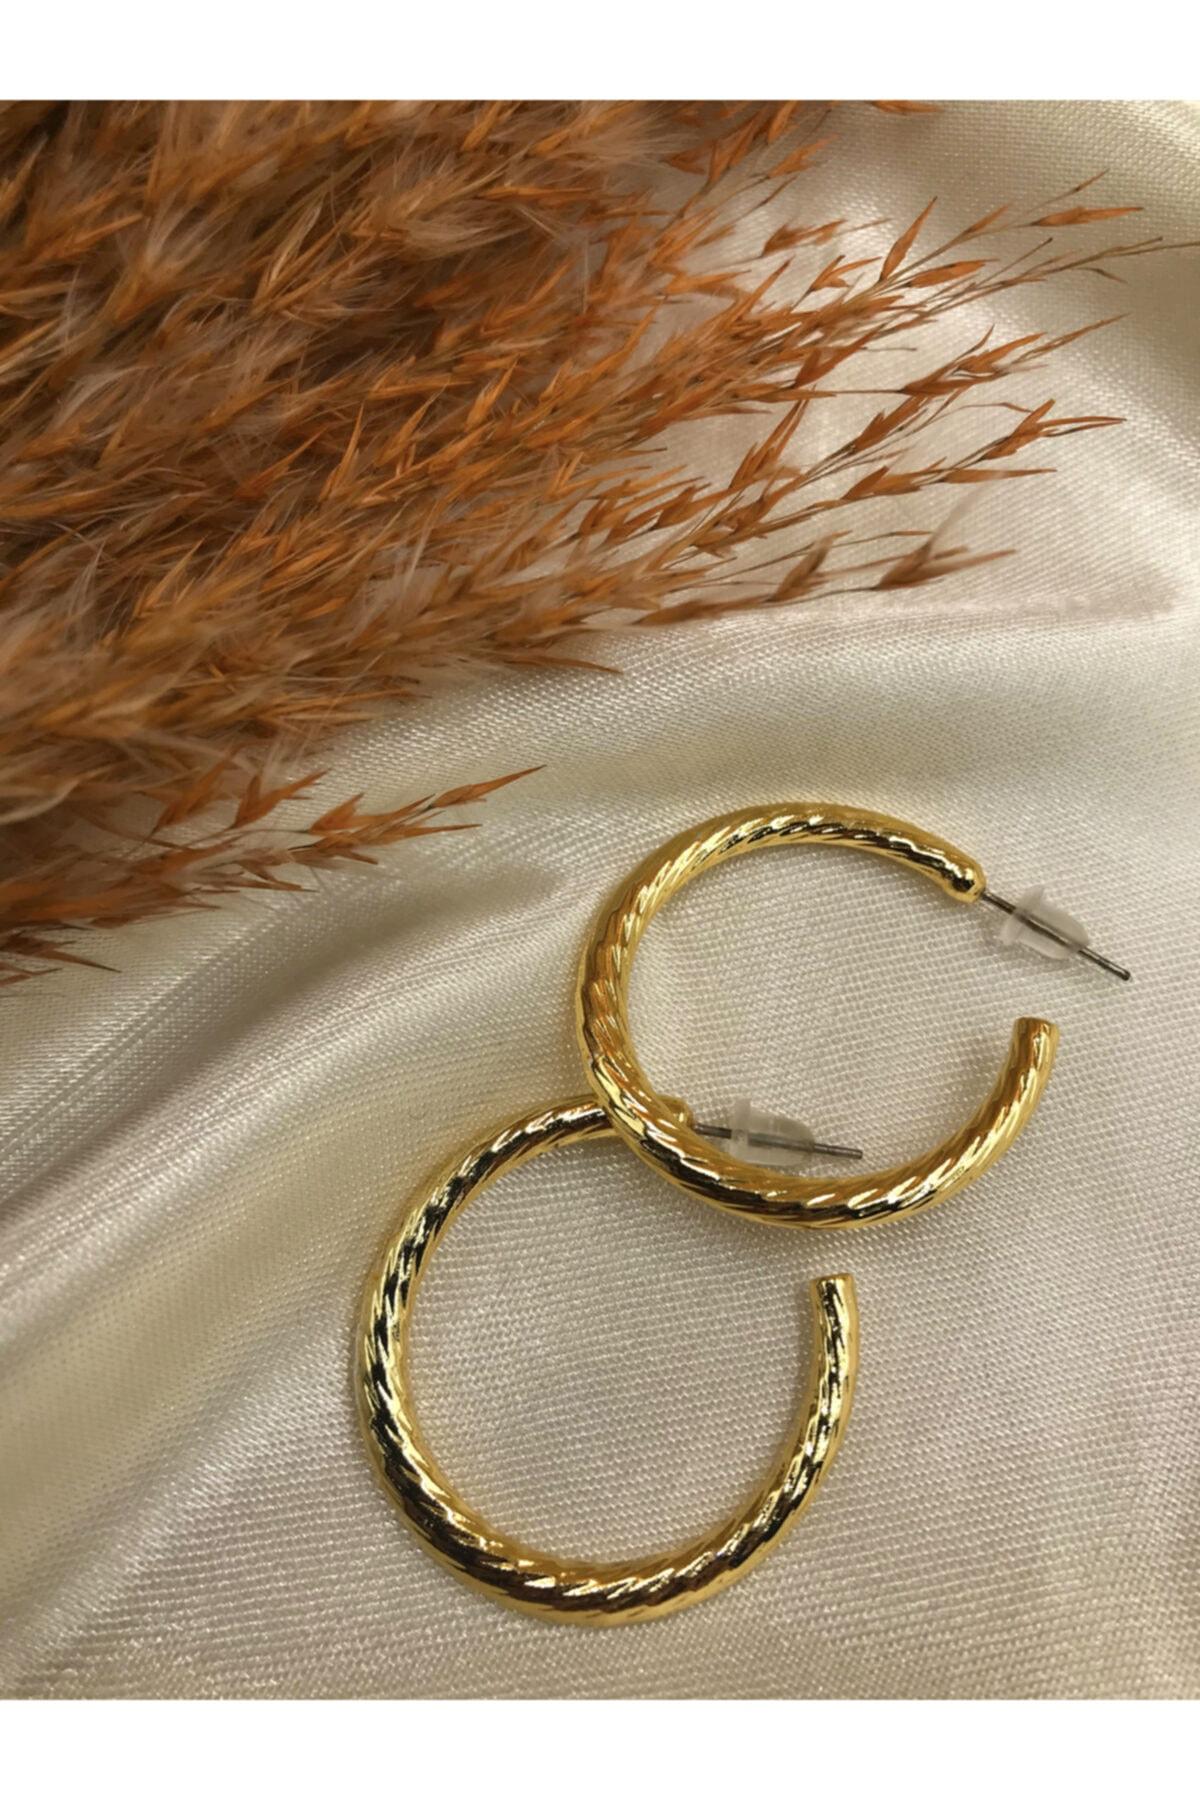 Eylülün Takısı Gold Renk Tasarım Küpe 2